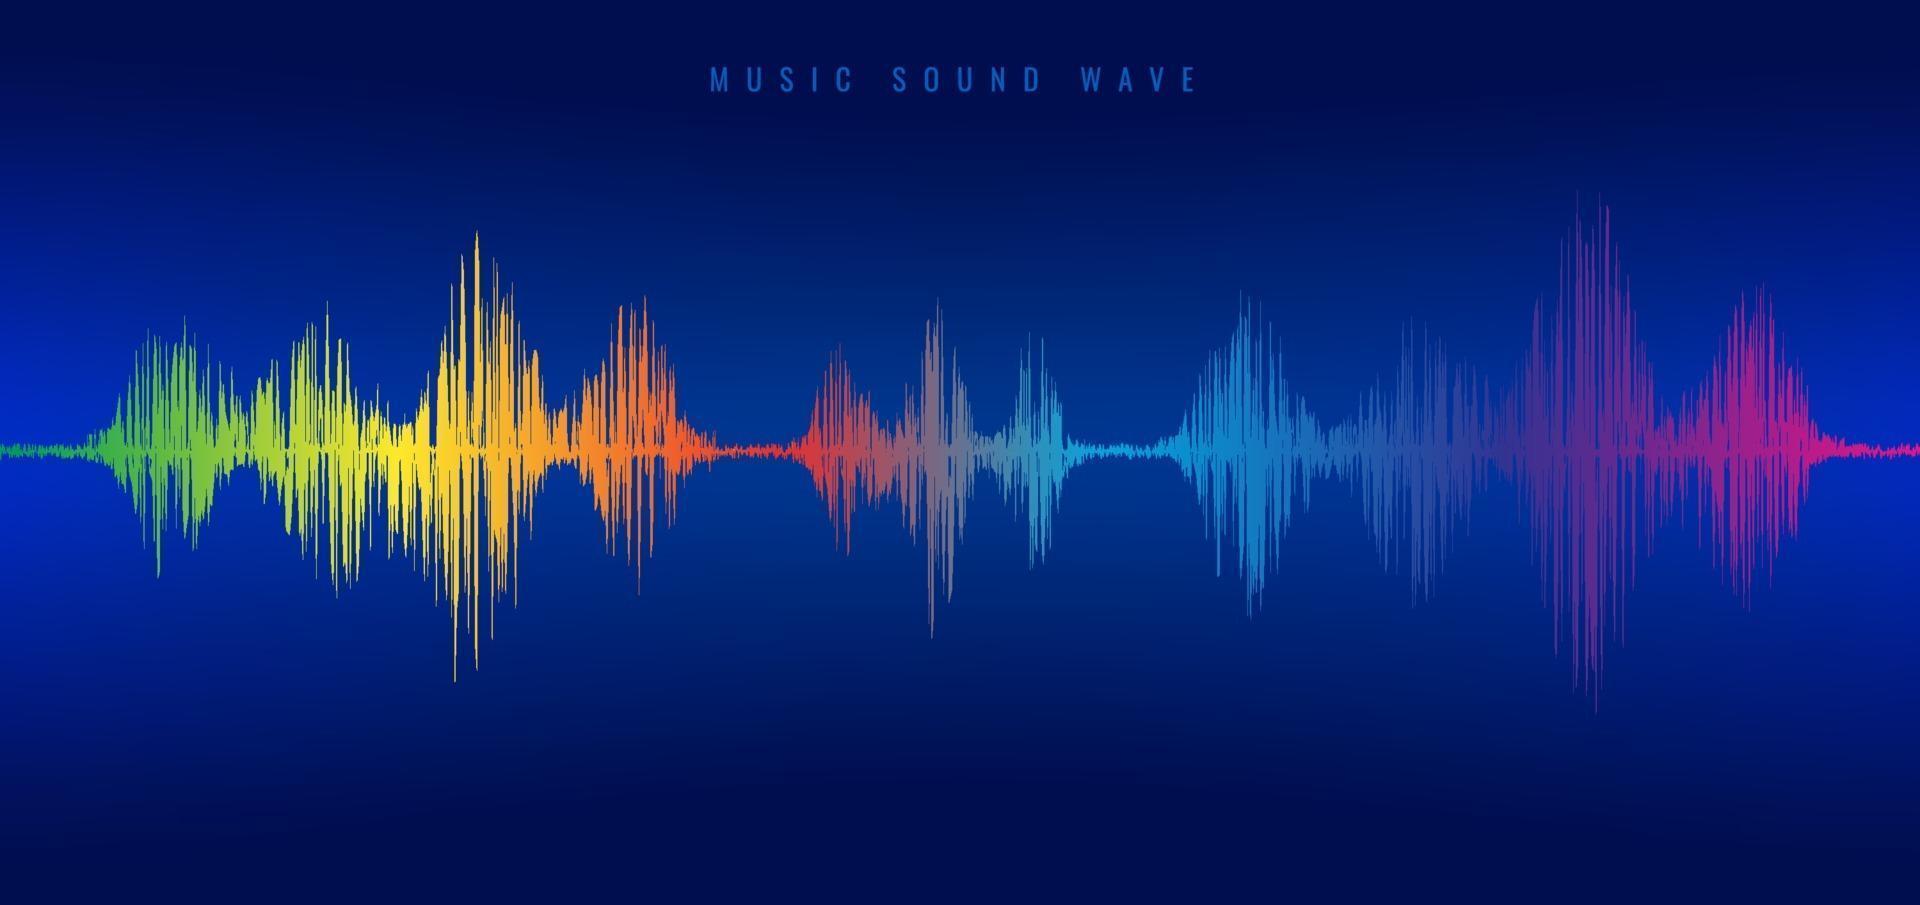 Regenbogenmusik Schallwellenlinienentzerrer auf blauem Hintergrund. vektor